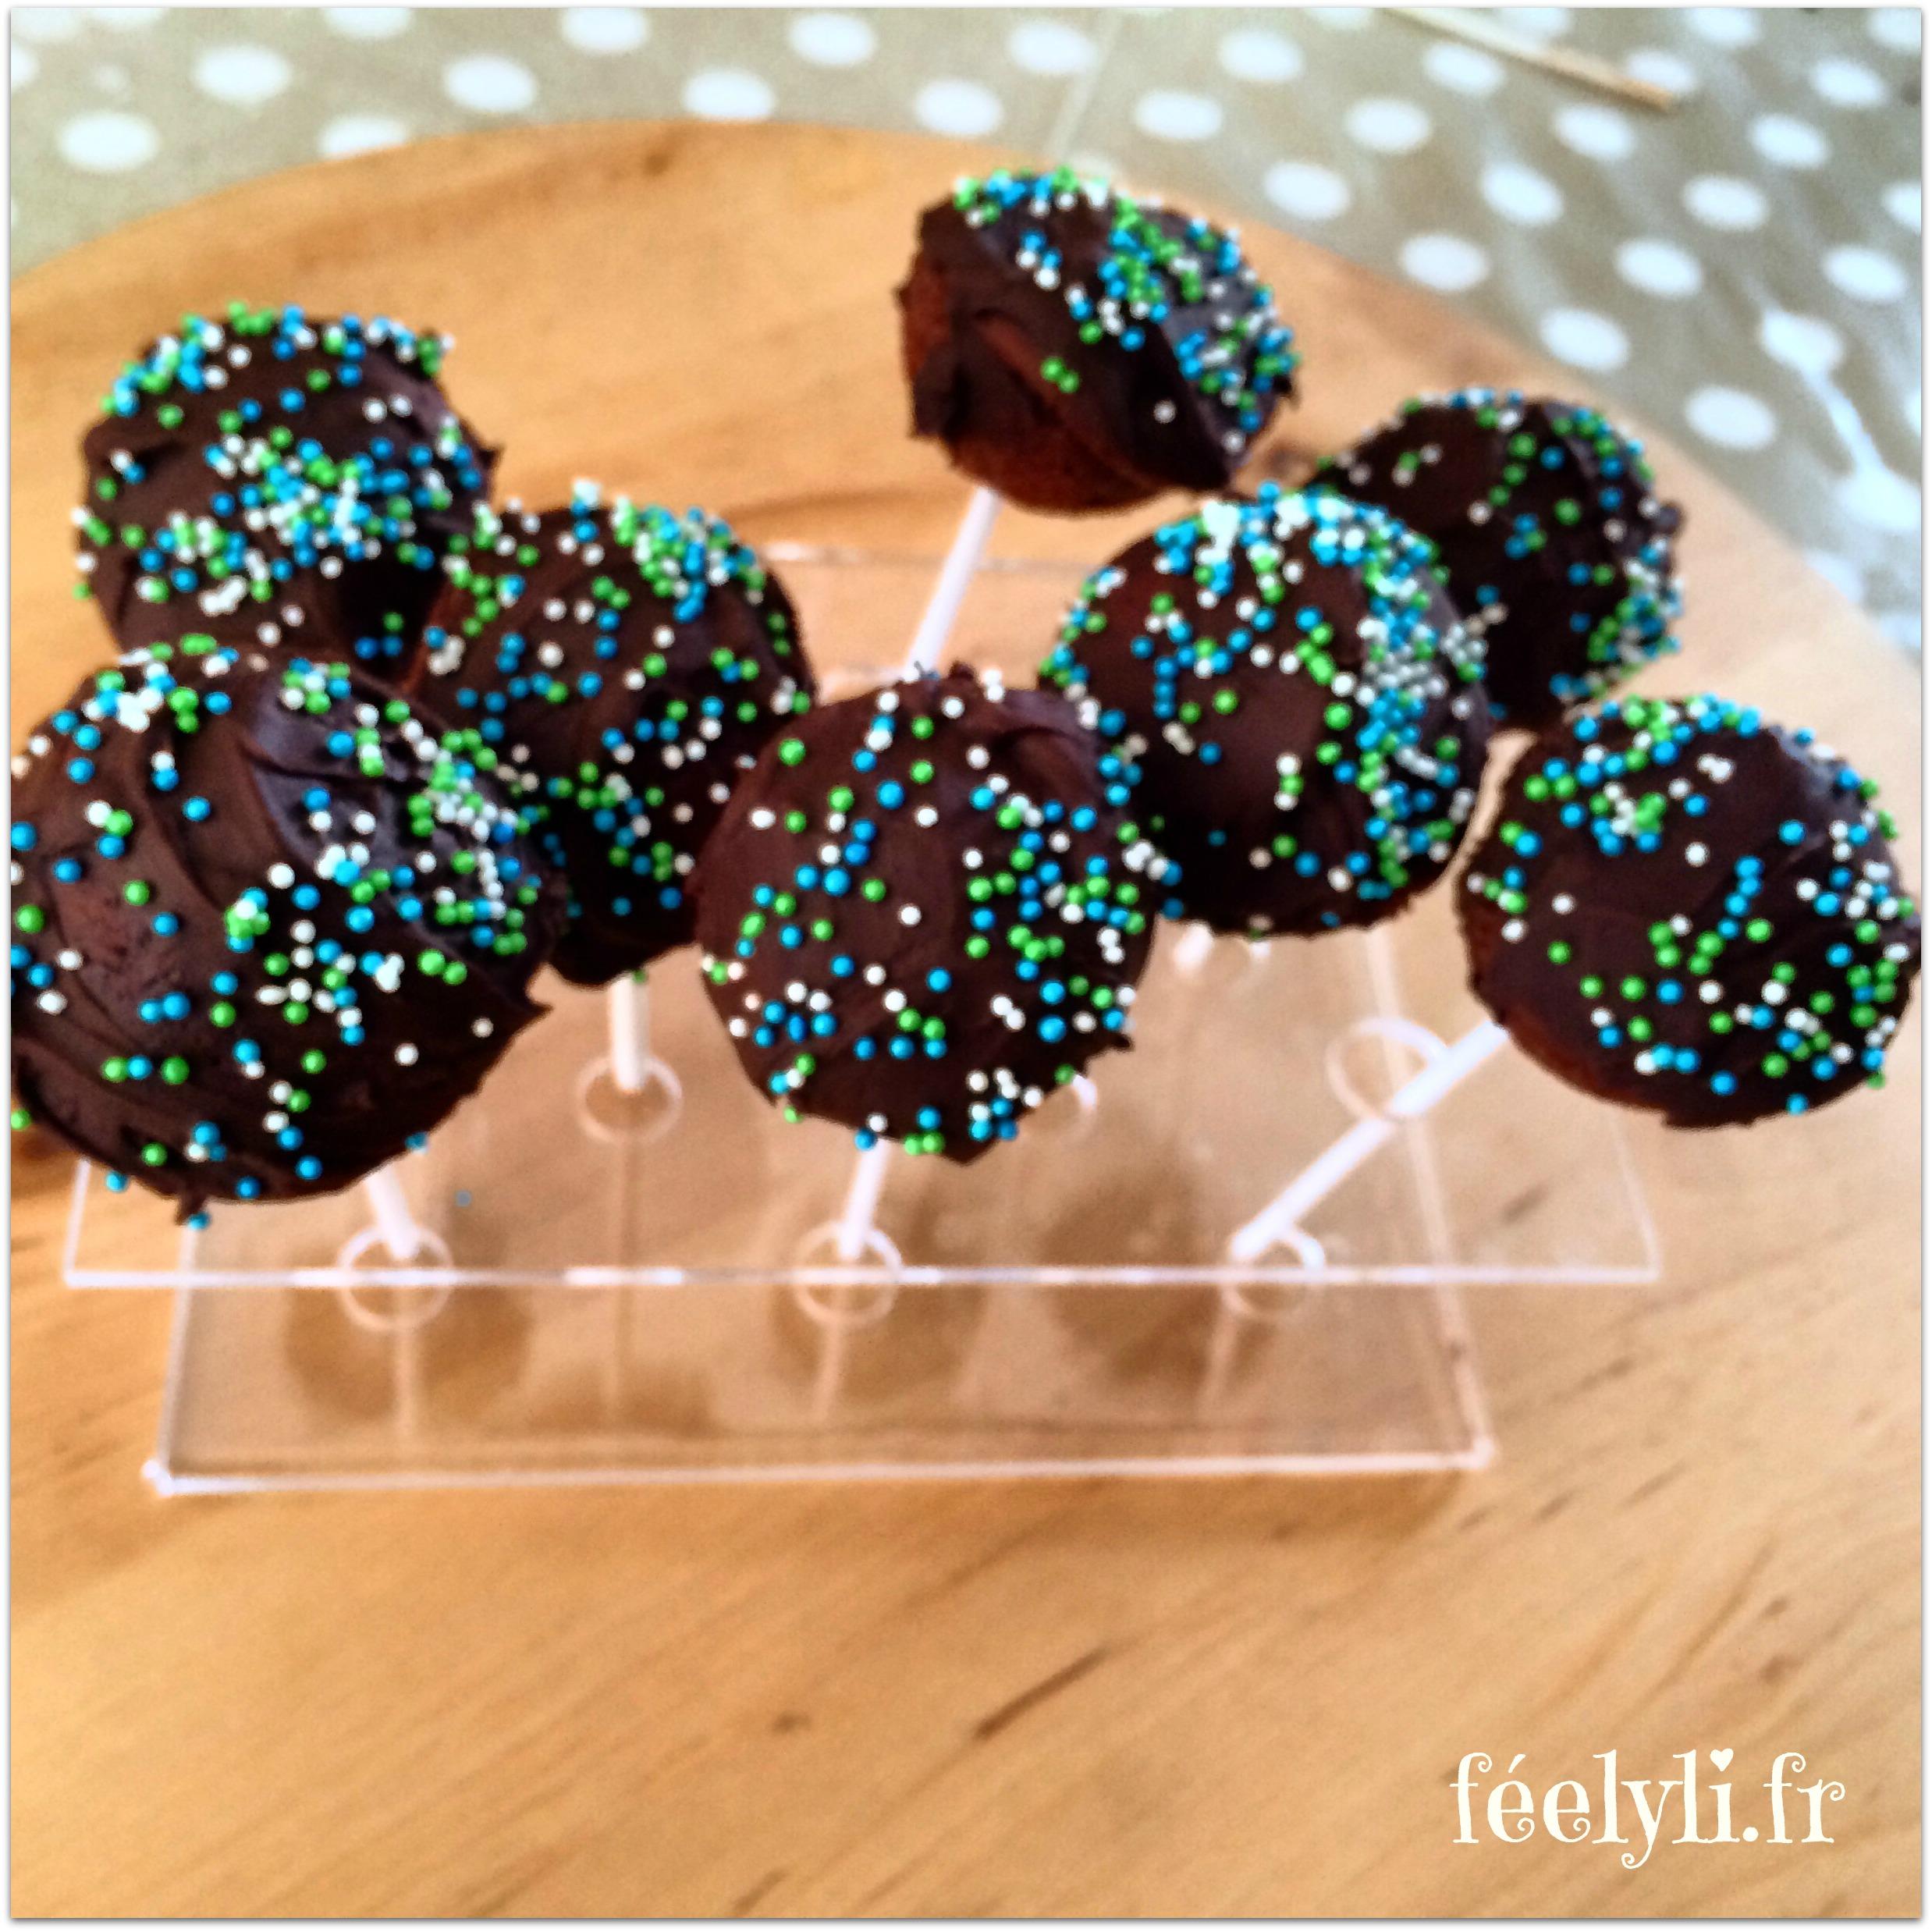 cakes pop